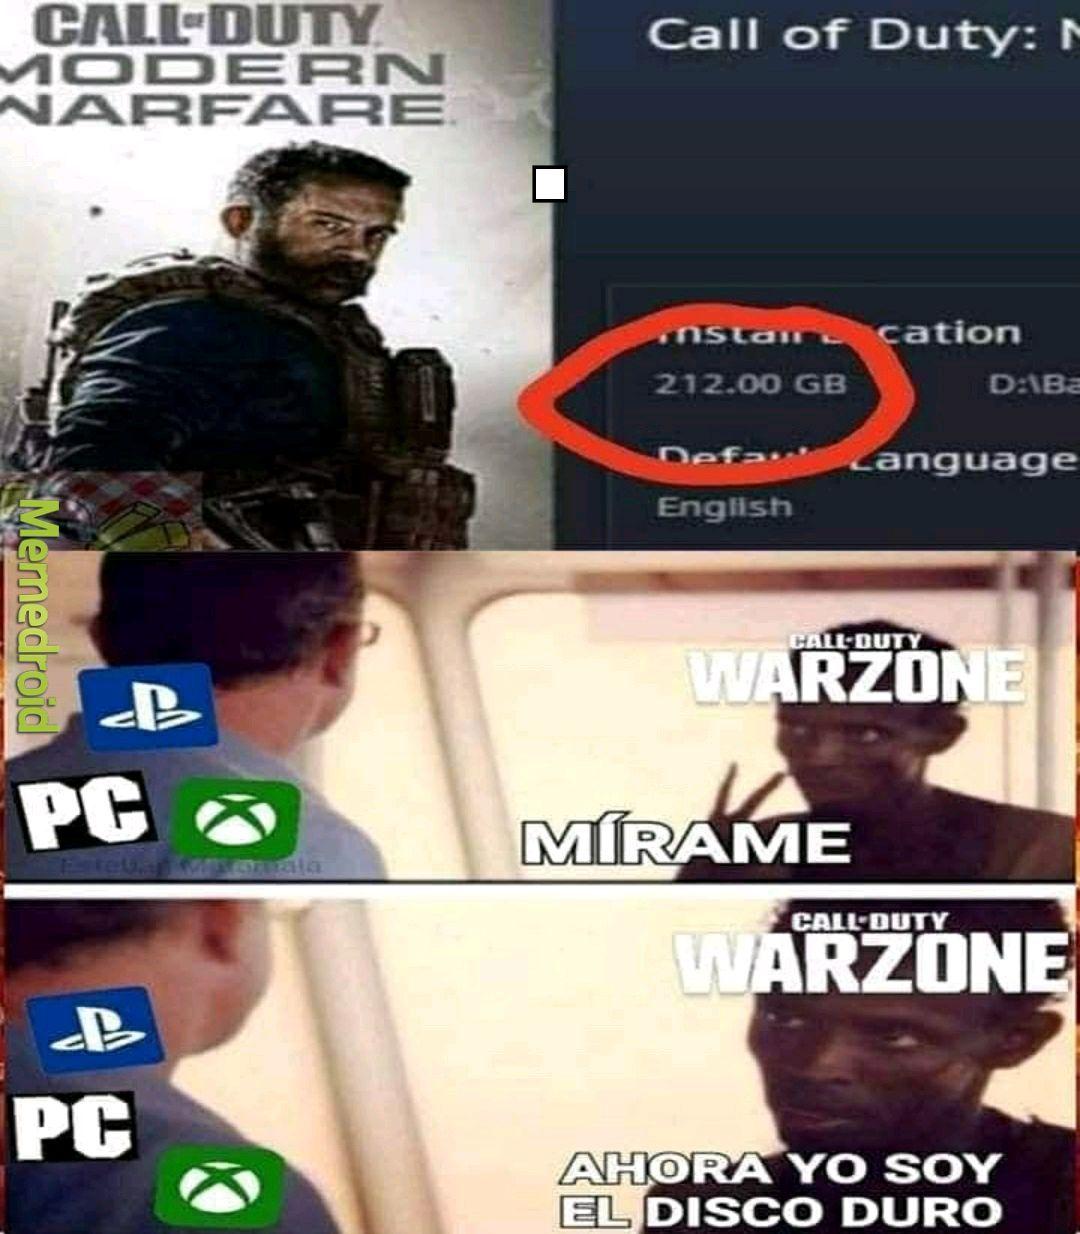 Ta pesadito el juego - meme